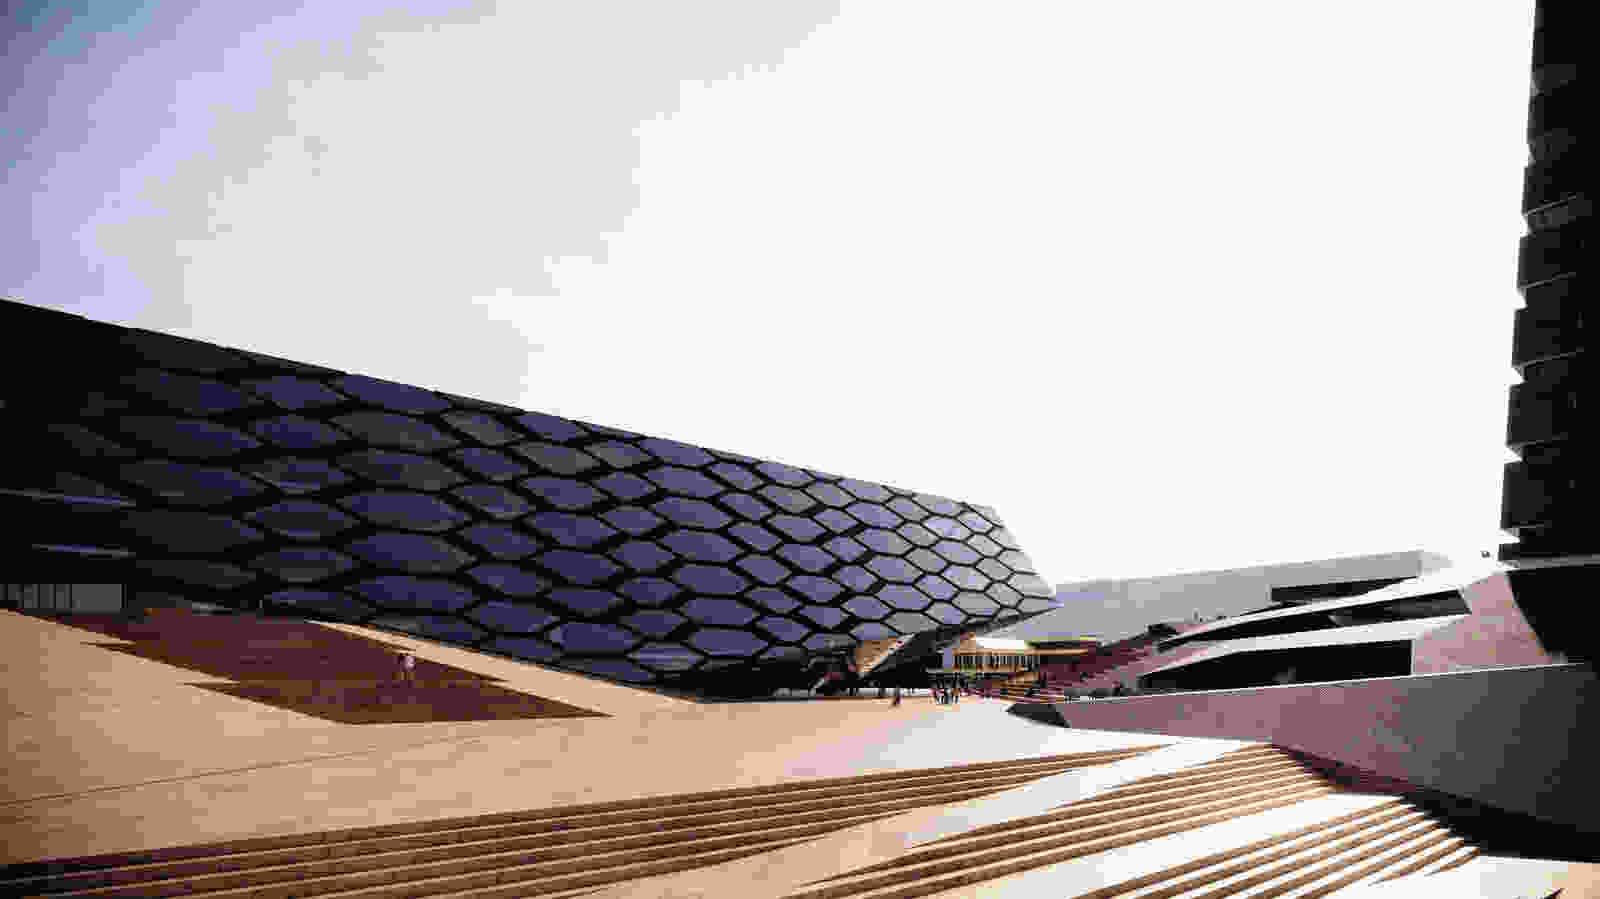 466 DMAA WH Arena Vienna vis 011 plaza